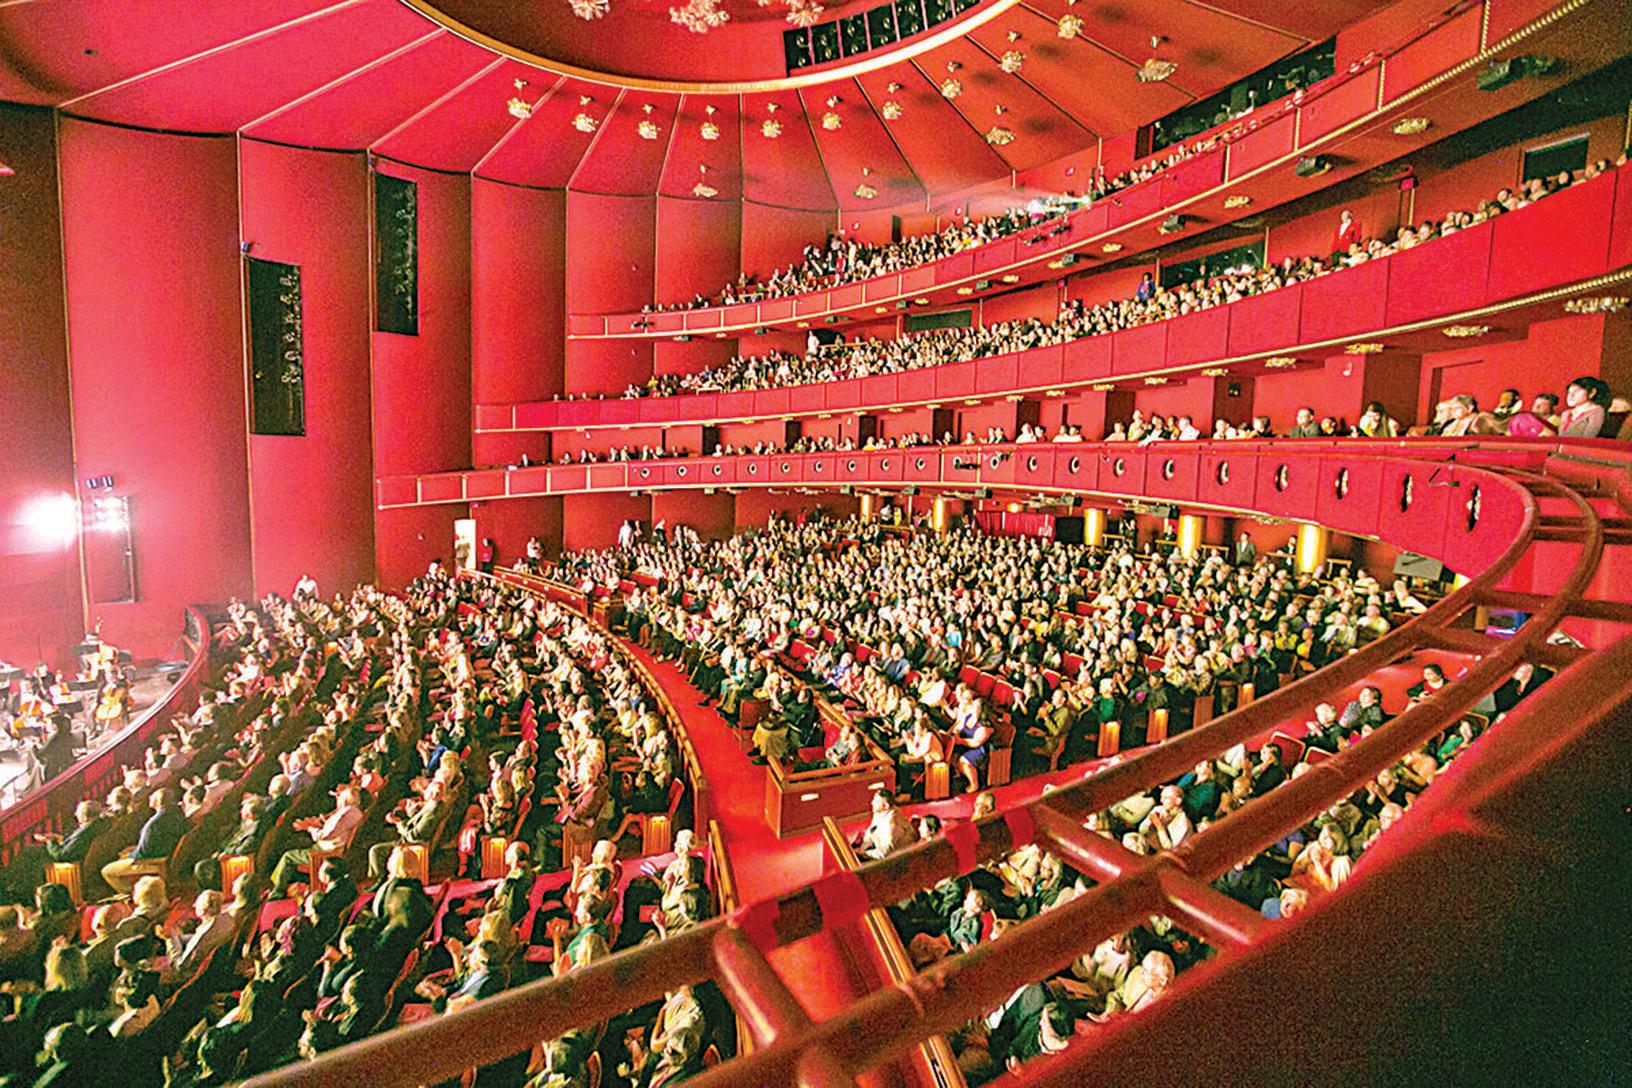 4月17日晚,神韻北美藝術團在華盛頓DC肯尼迪中心的演出一票難求。(李莎/大紀元)